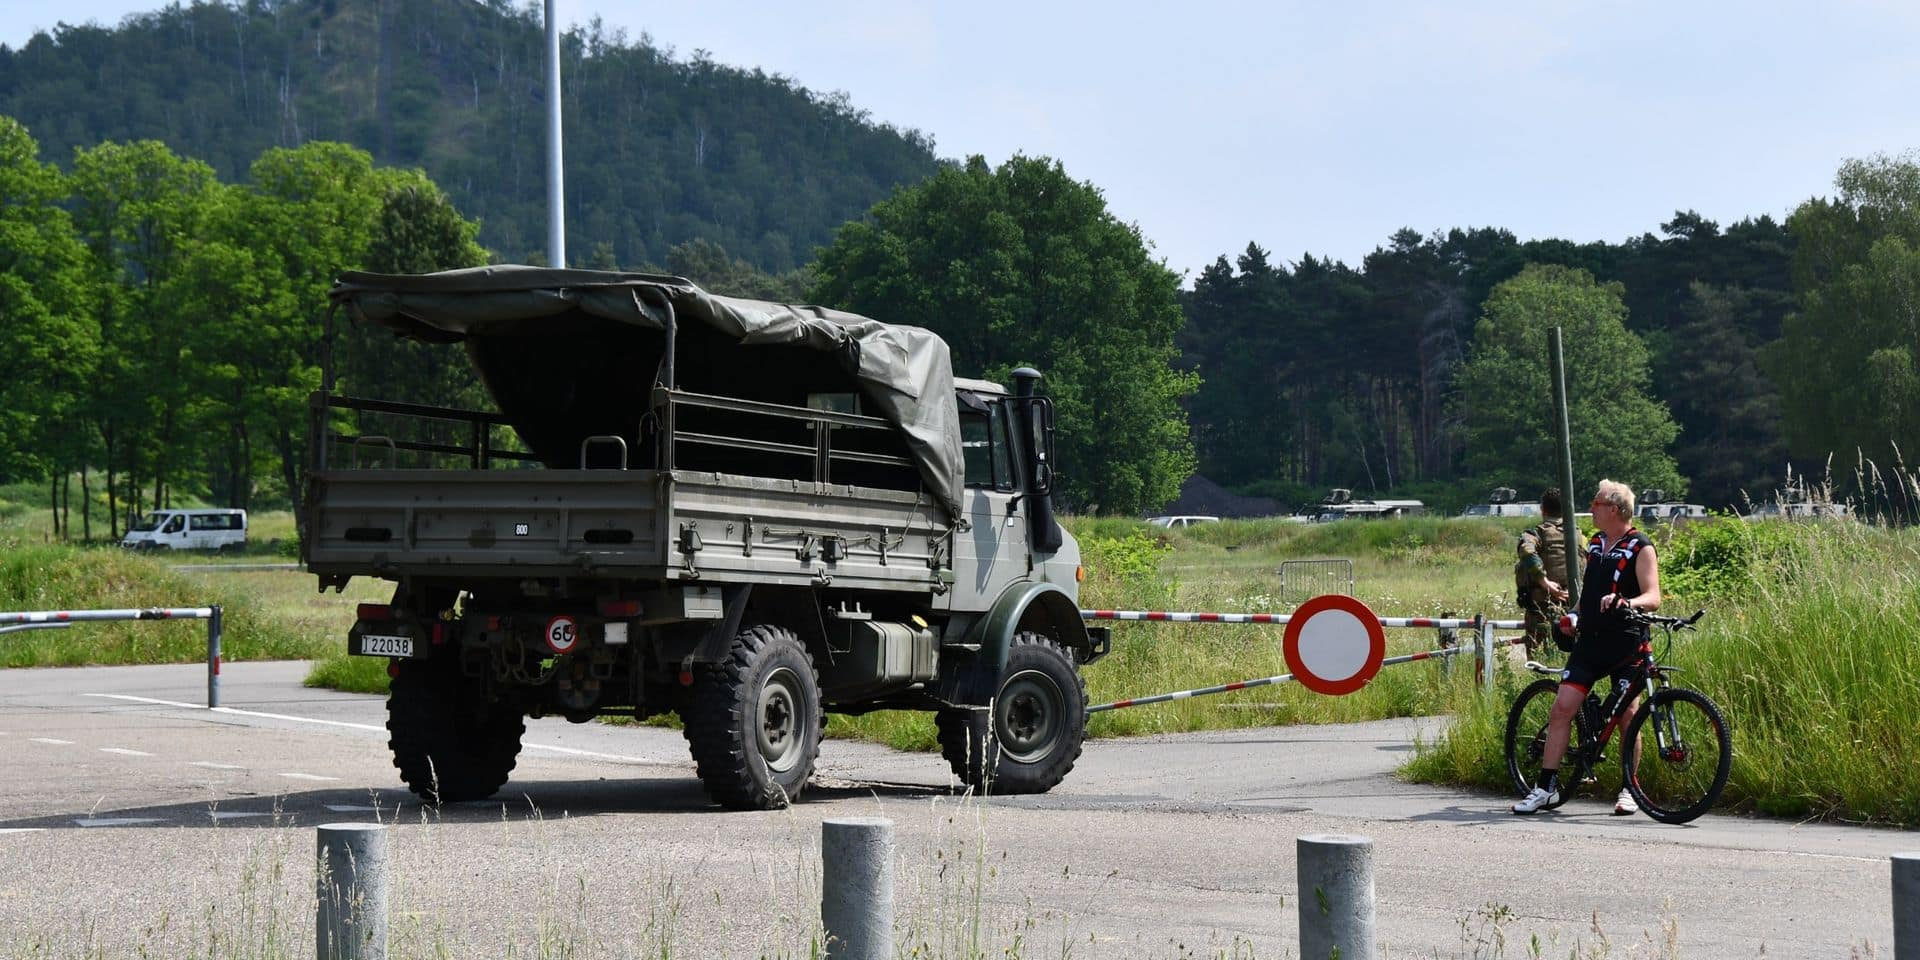 Affaire Jürgen Conings: les premiers militaires de retour au stade du KRC Genk, toujours aucune trace du fugitif